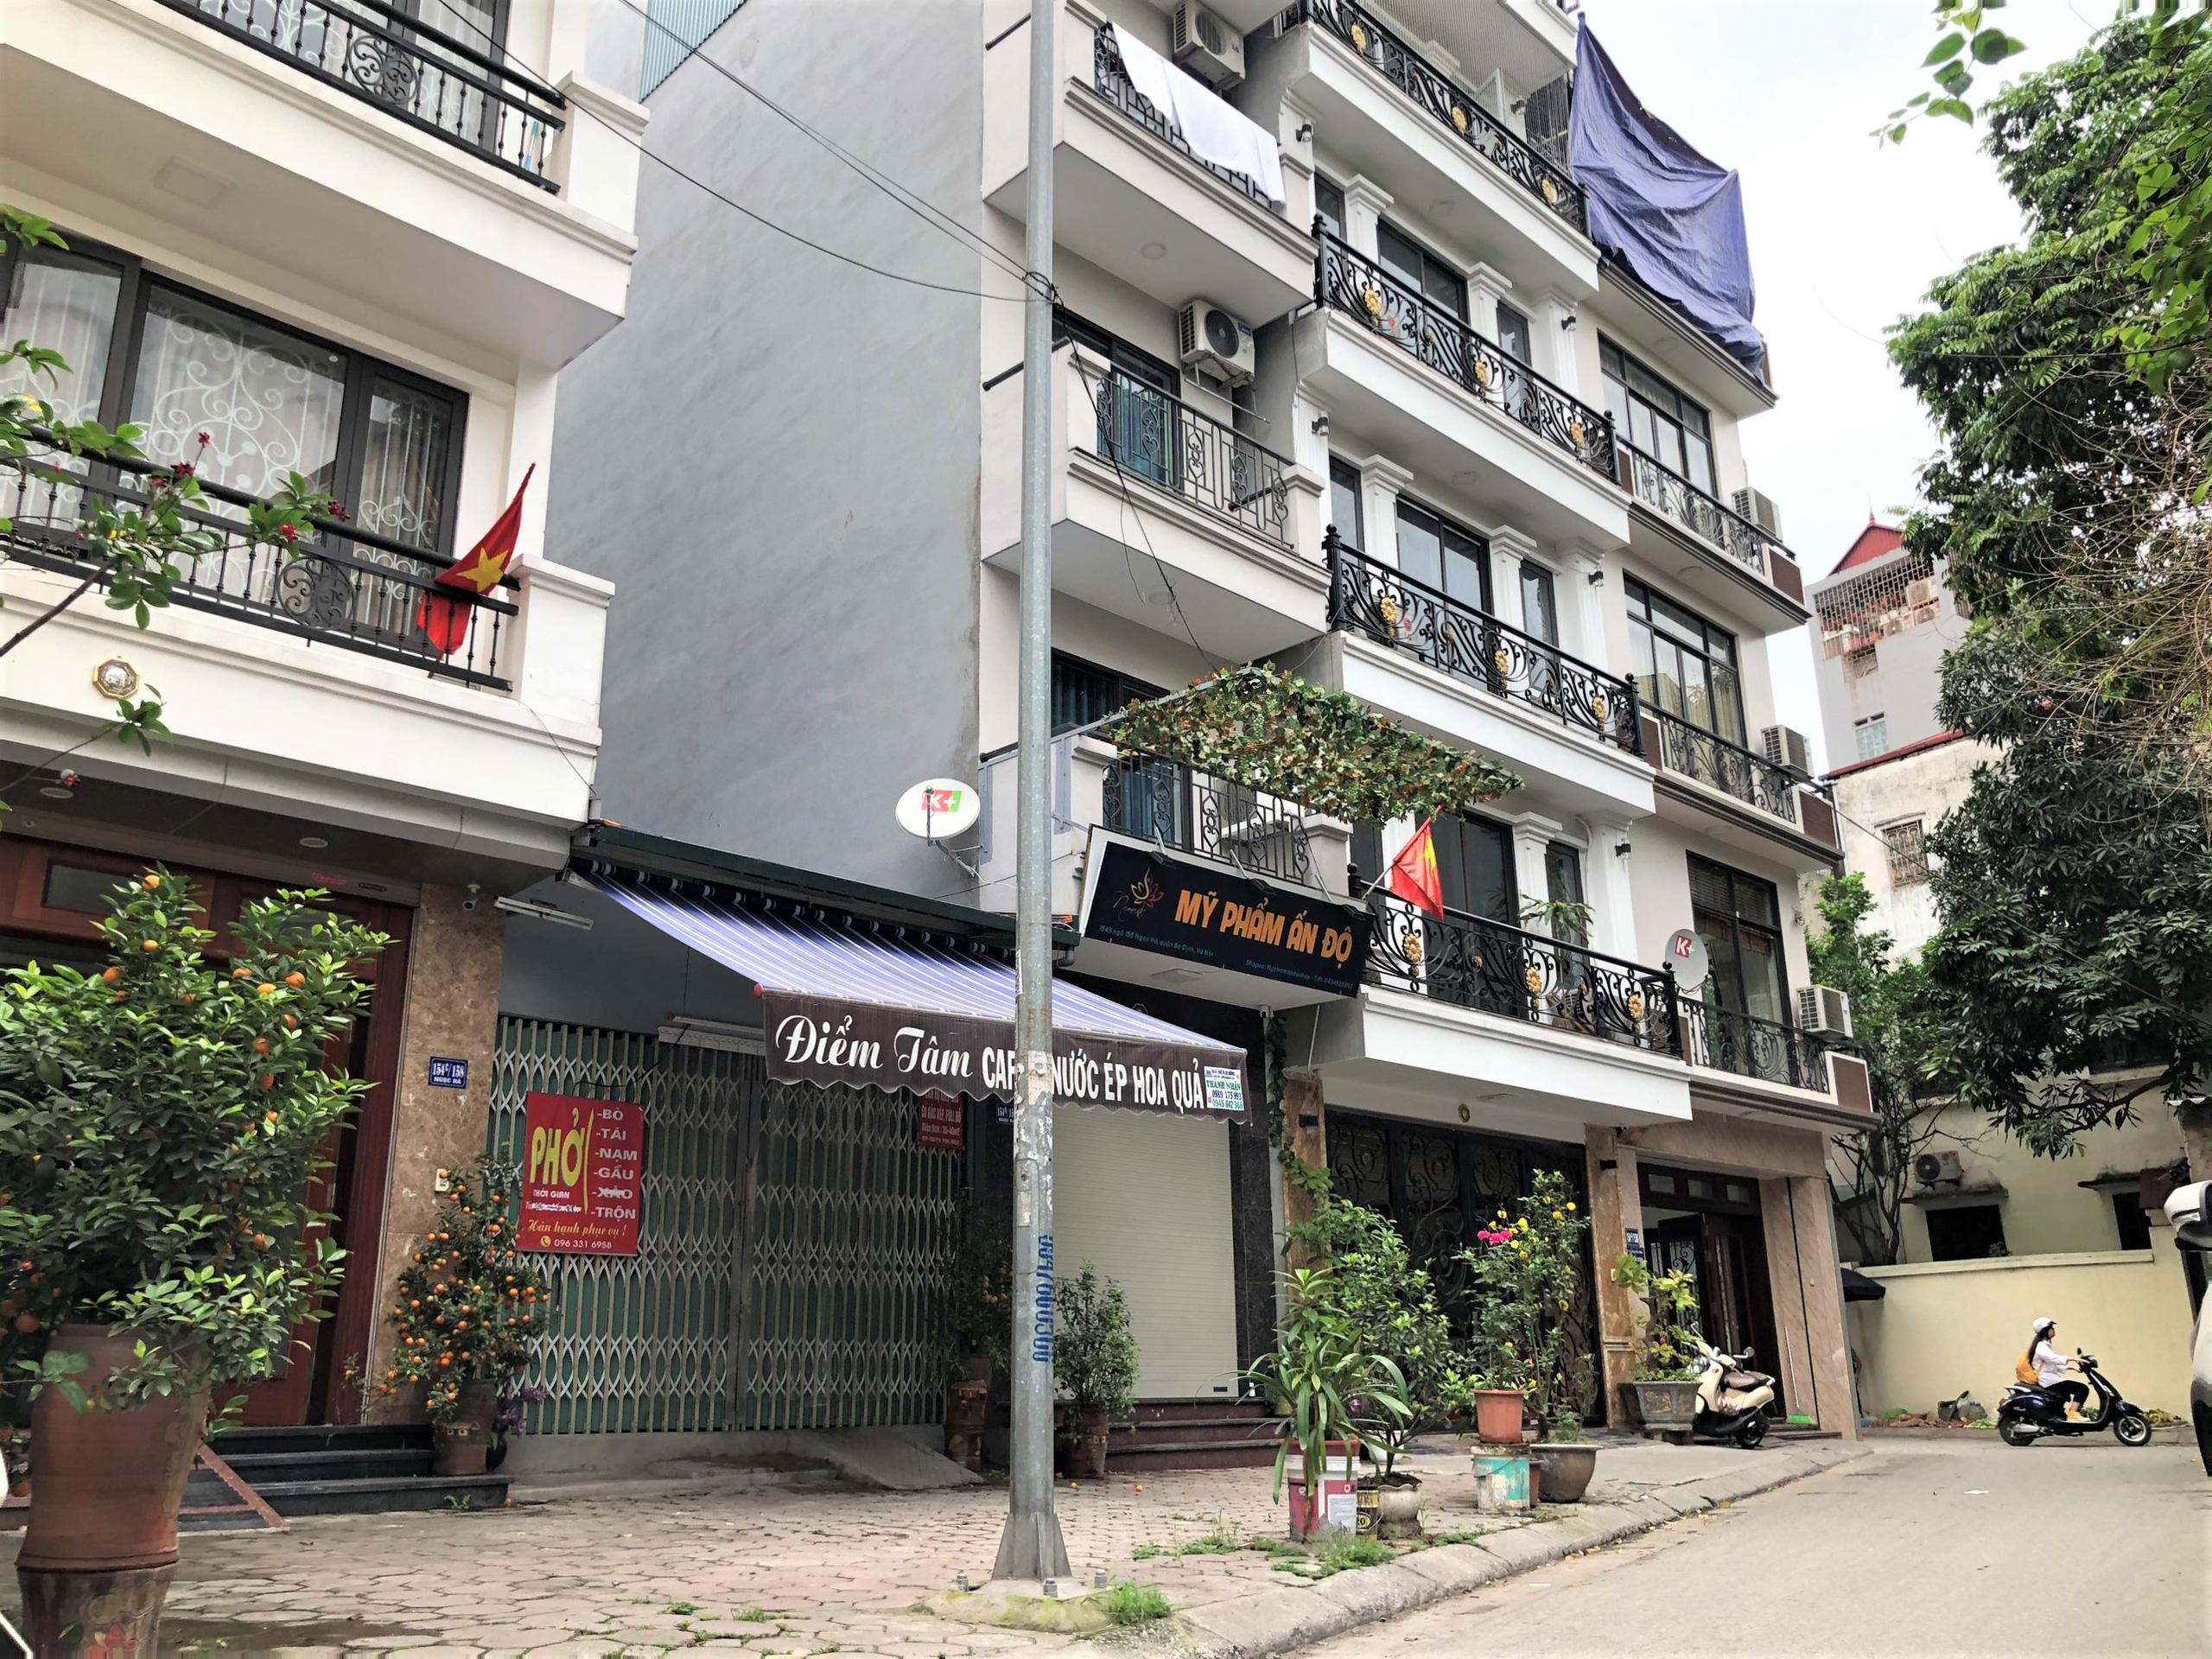 Đường sắp mở theo quy hoạch ở phường Ngọc Hà, quận Ba Đình (phần 1): Đường Kim Mã - Hoàng Hoa Thám  - Ảnh 9.